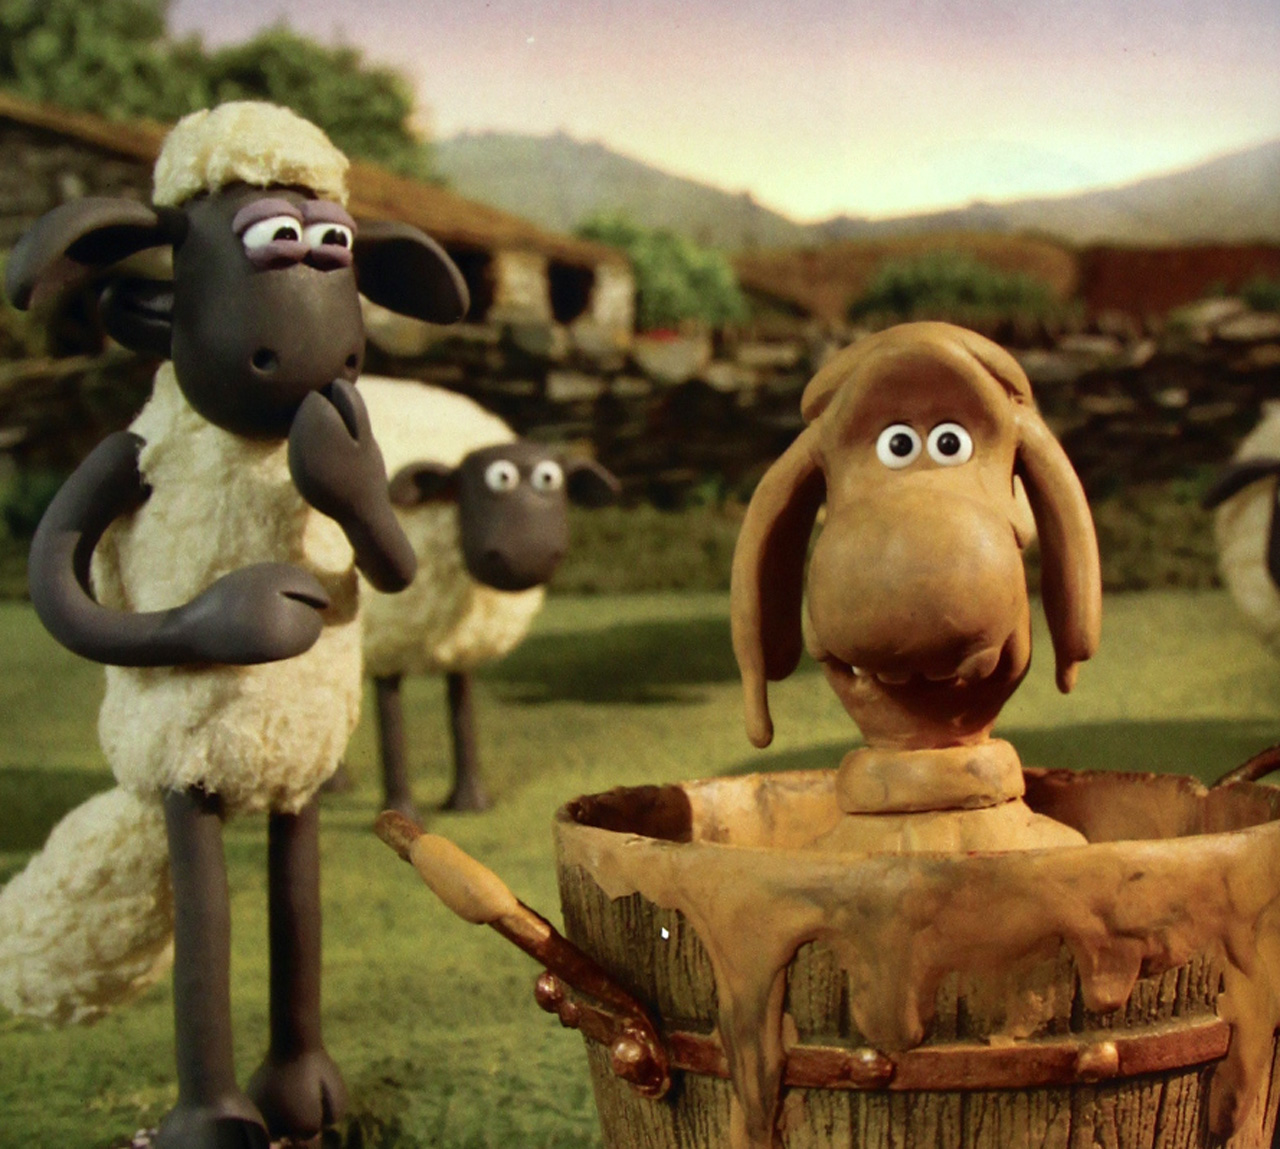 小羊肖恩  (1280x1149); 小羊肖恩图片大全下载; 小羊肖恩(会飞的提米